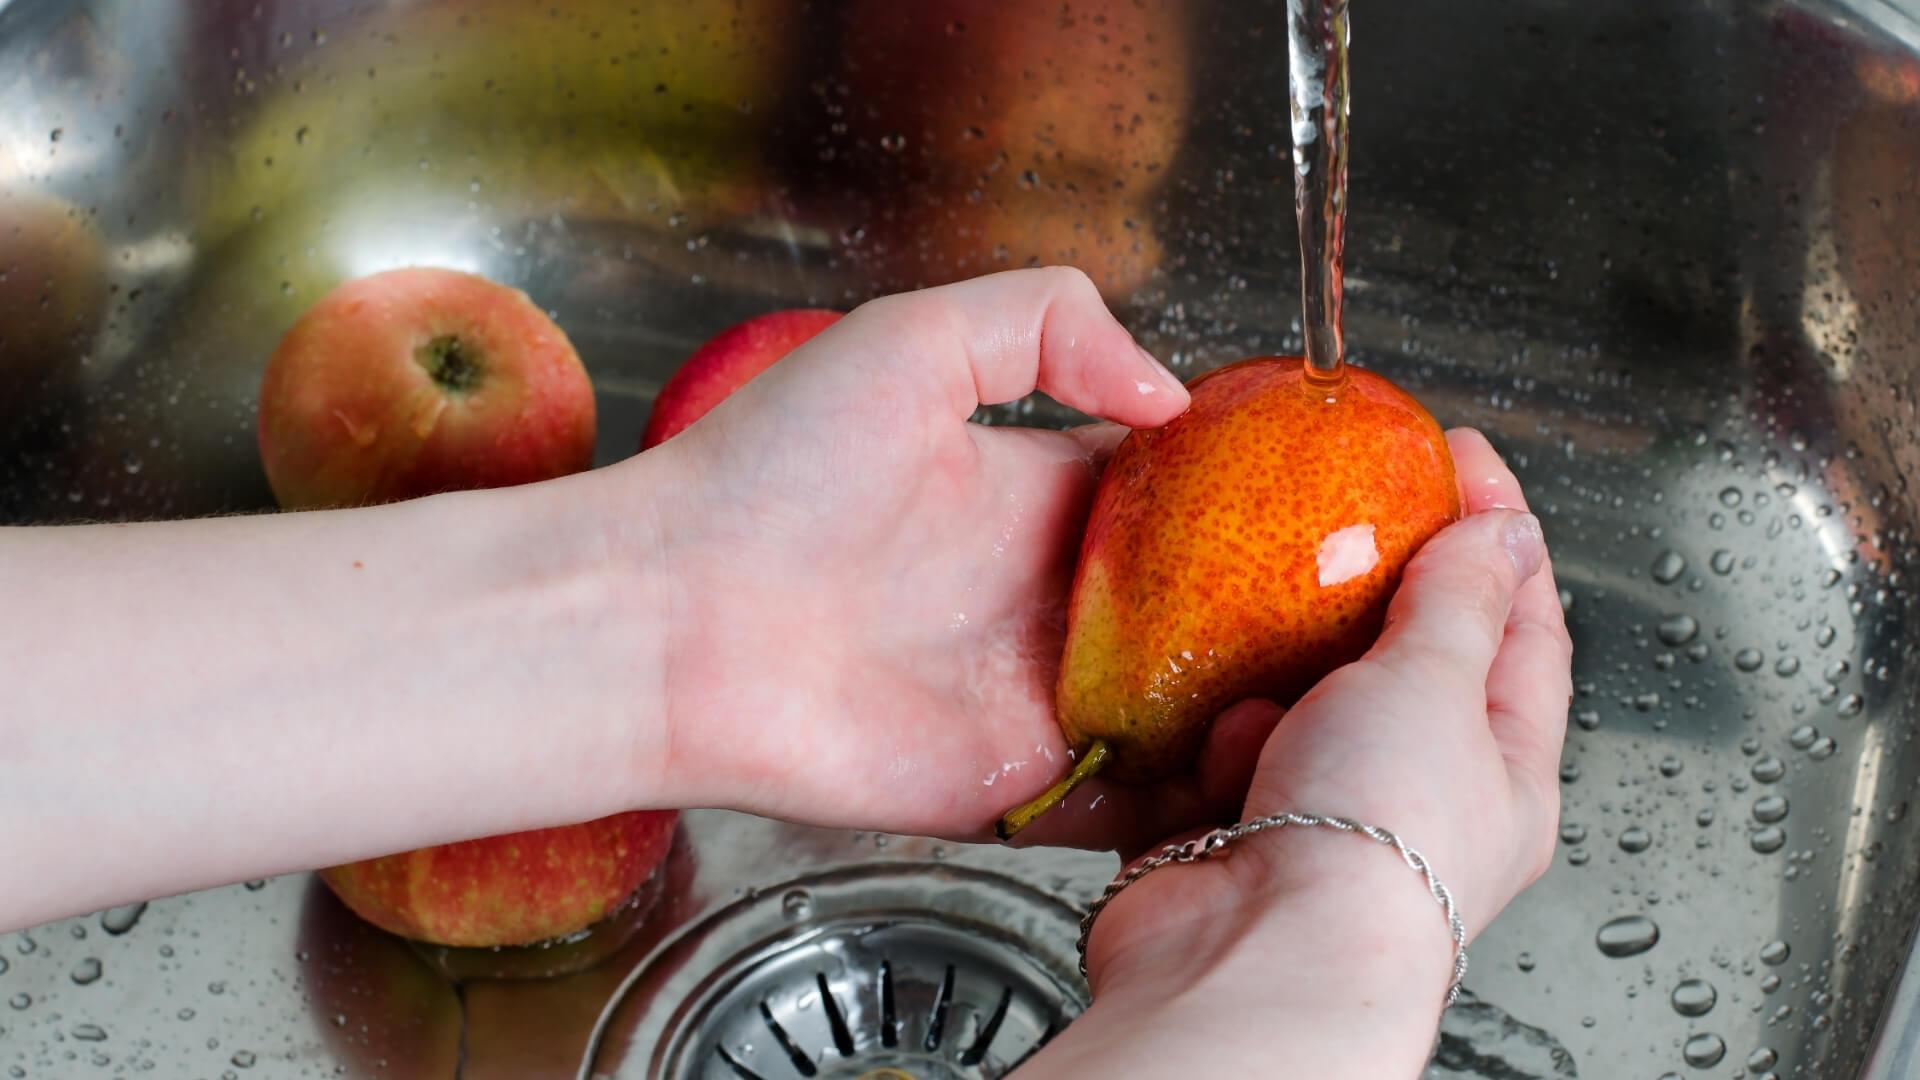 lavare la frutta e le pere per eliminare pesticidi e batteri